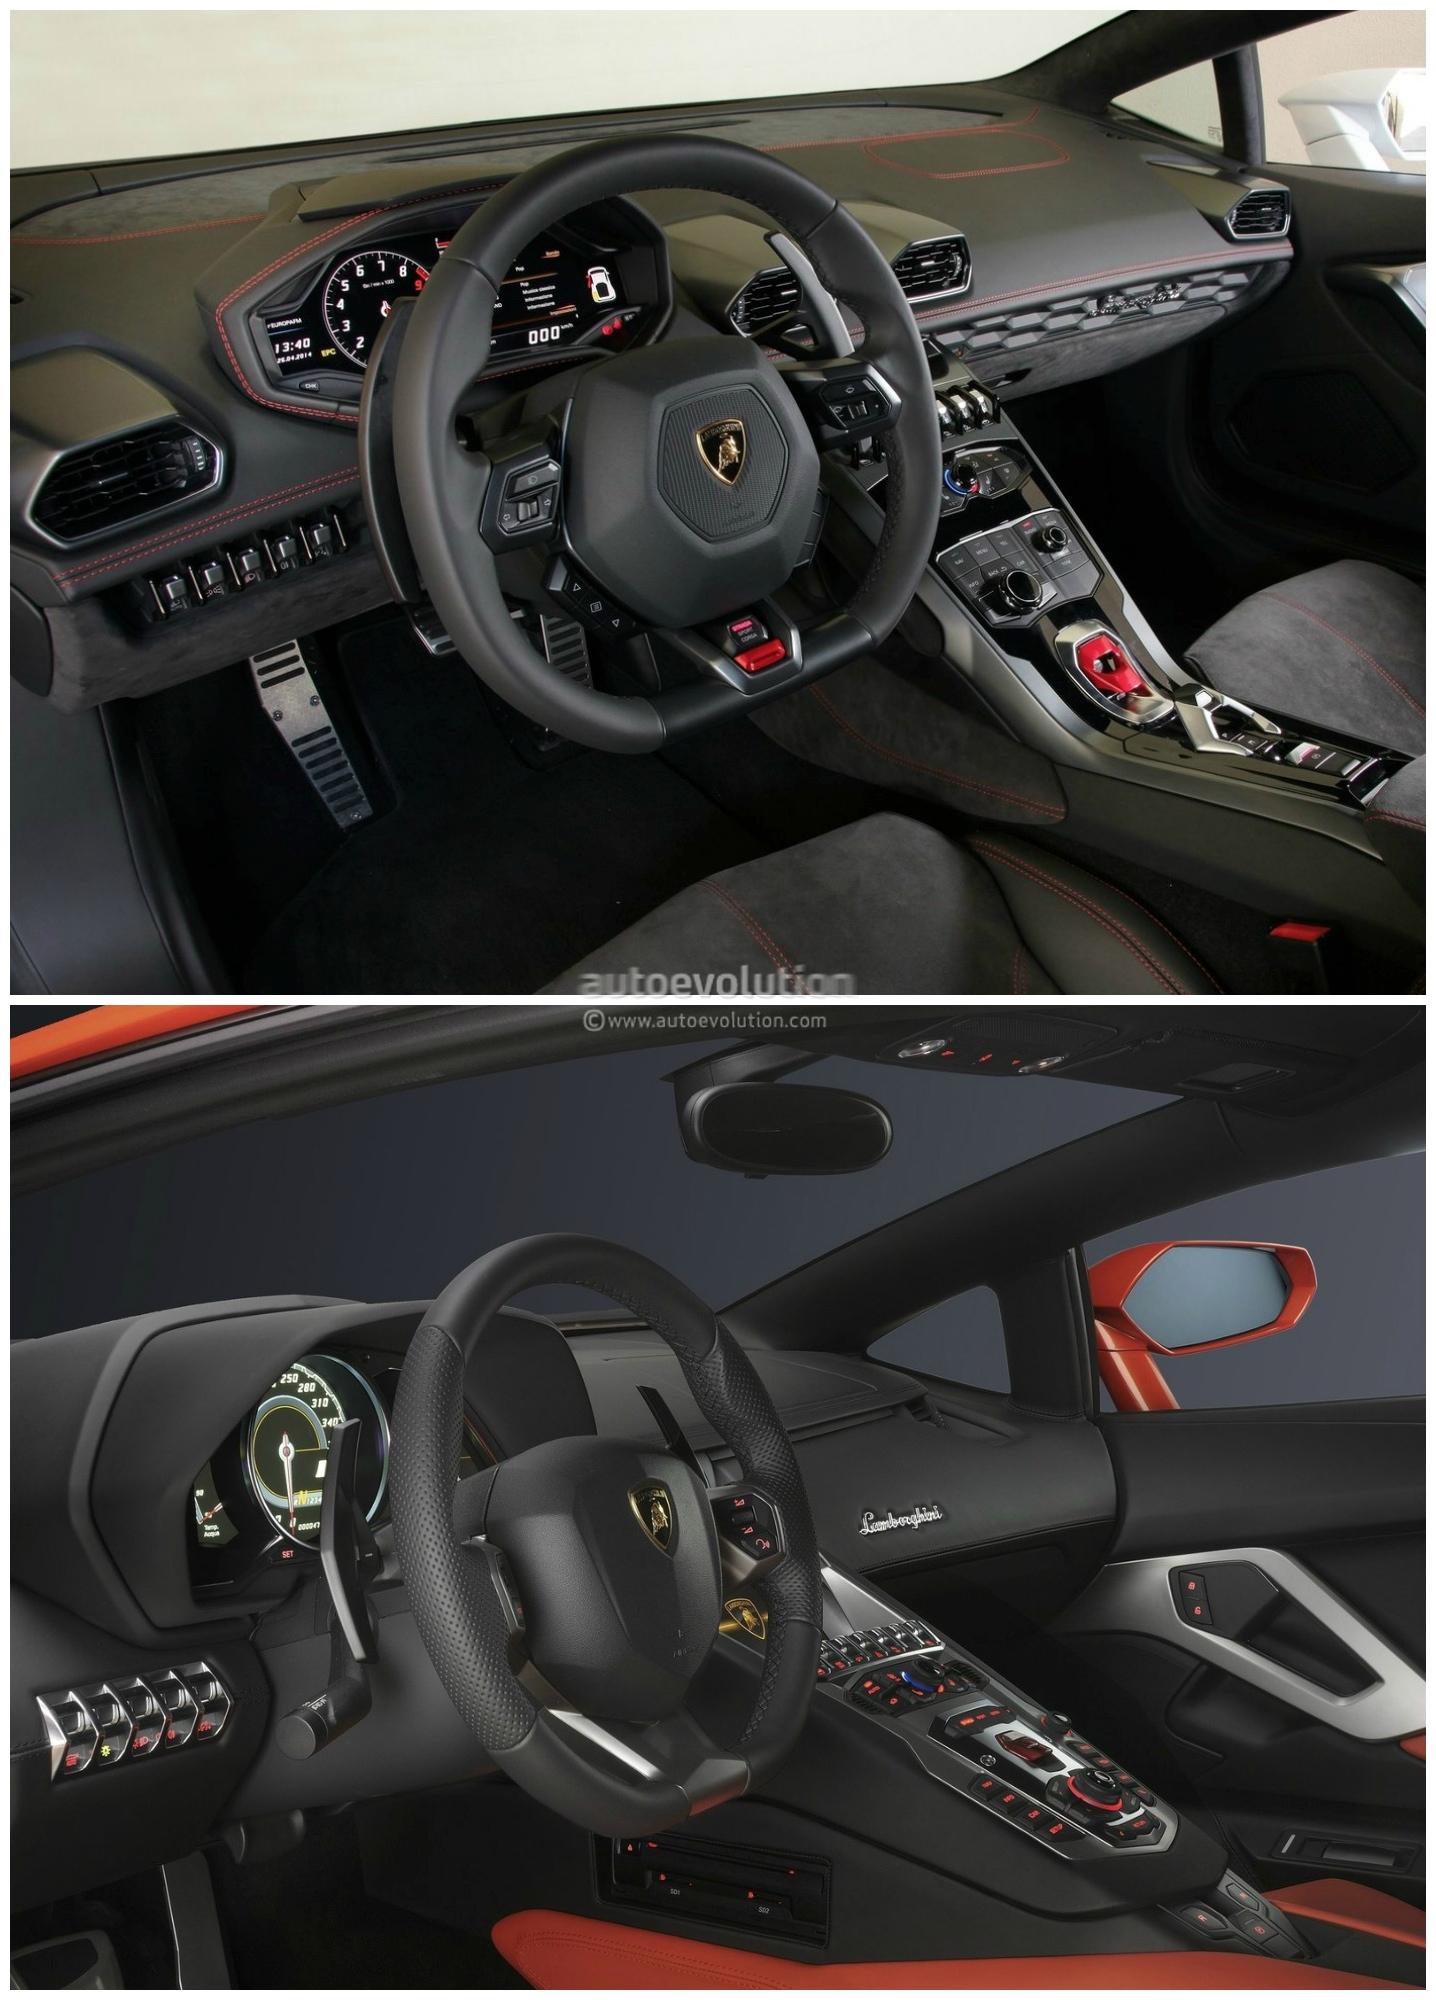 Lamborghini Huracan Vs Lamborghini Aventador Comparison: Interior ...